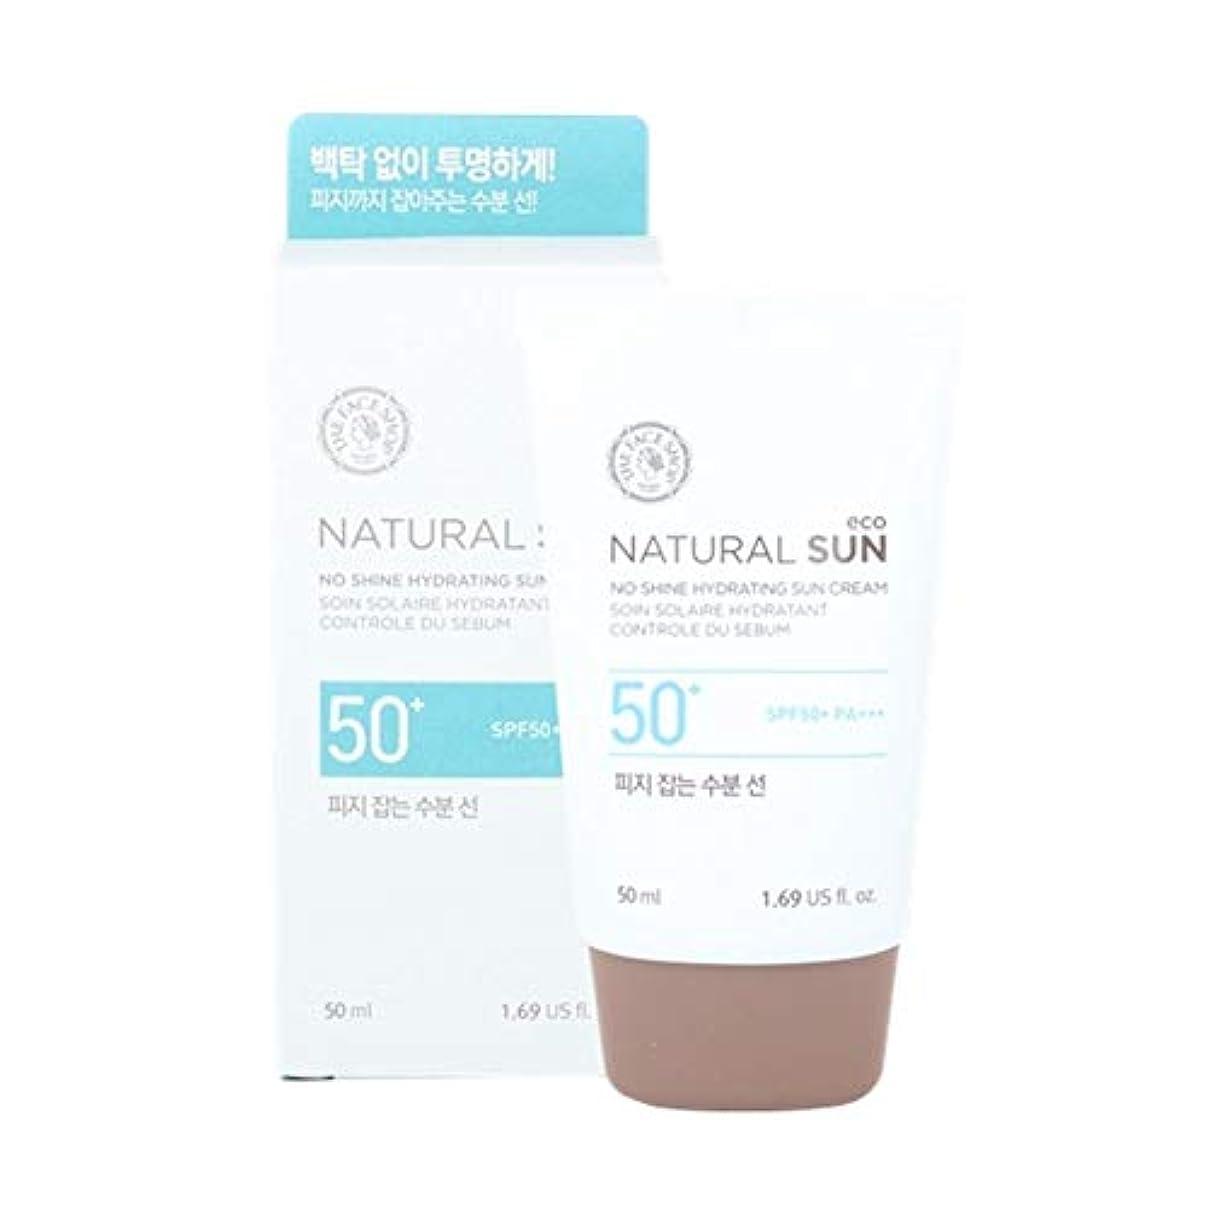 ハンディピンチアナログザ?フェイスショップネチュロルソンエコフィジーサン?クリームSPF50+PA+++50ml x 2本セット韓国コスメ、The Face Shop Natural Sun Eco No Shine Hydrating Sun...